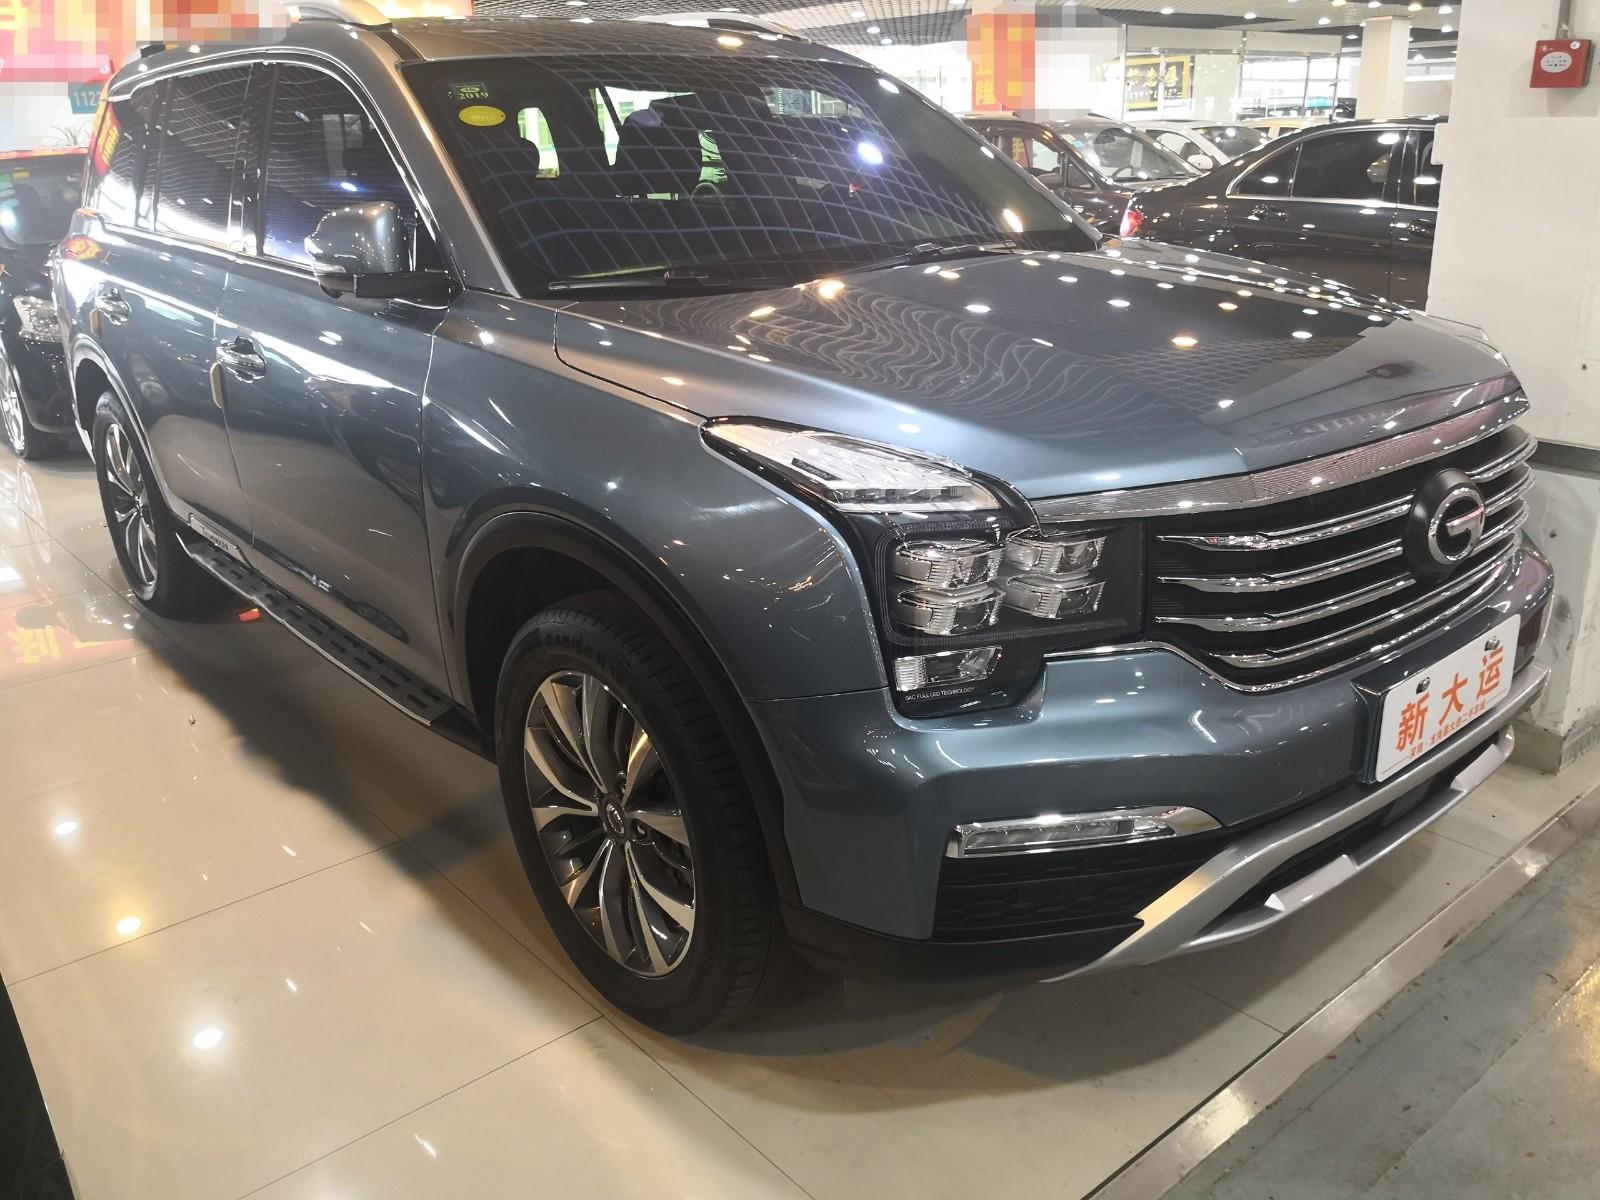 广汽传祺 传祺GS8 2017款 320T 两驱豪华智联版